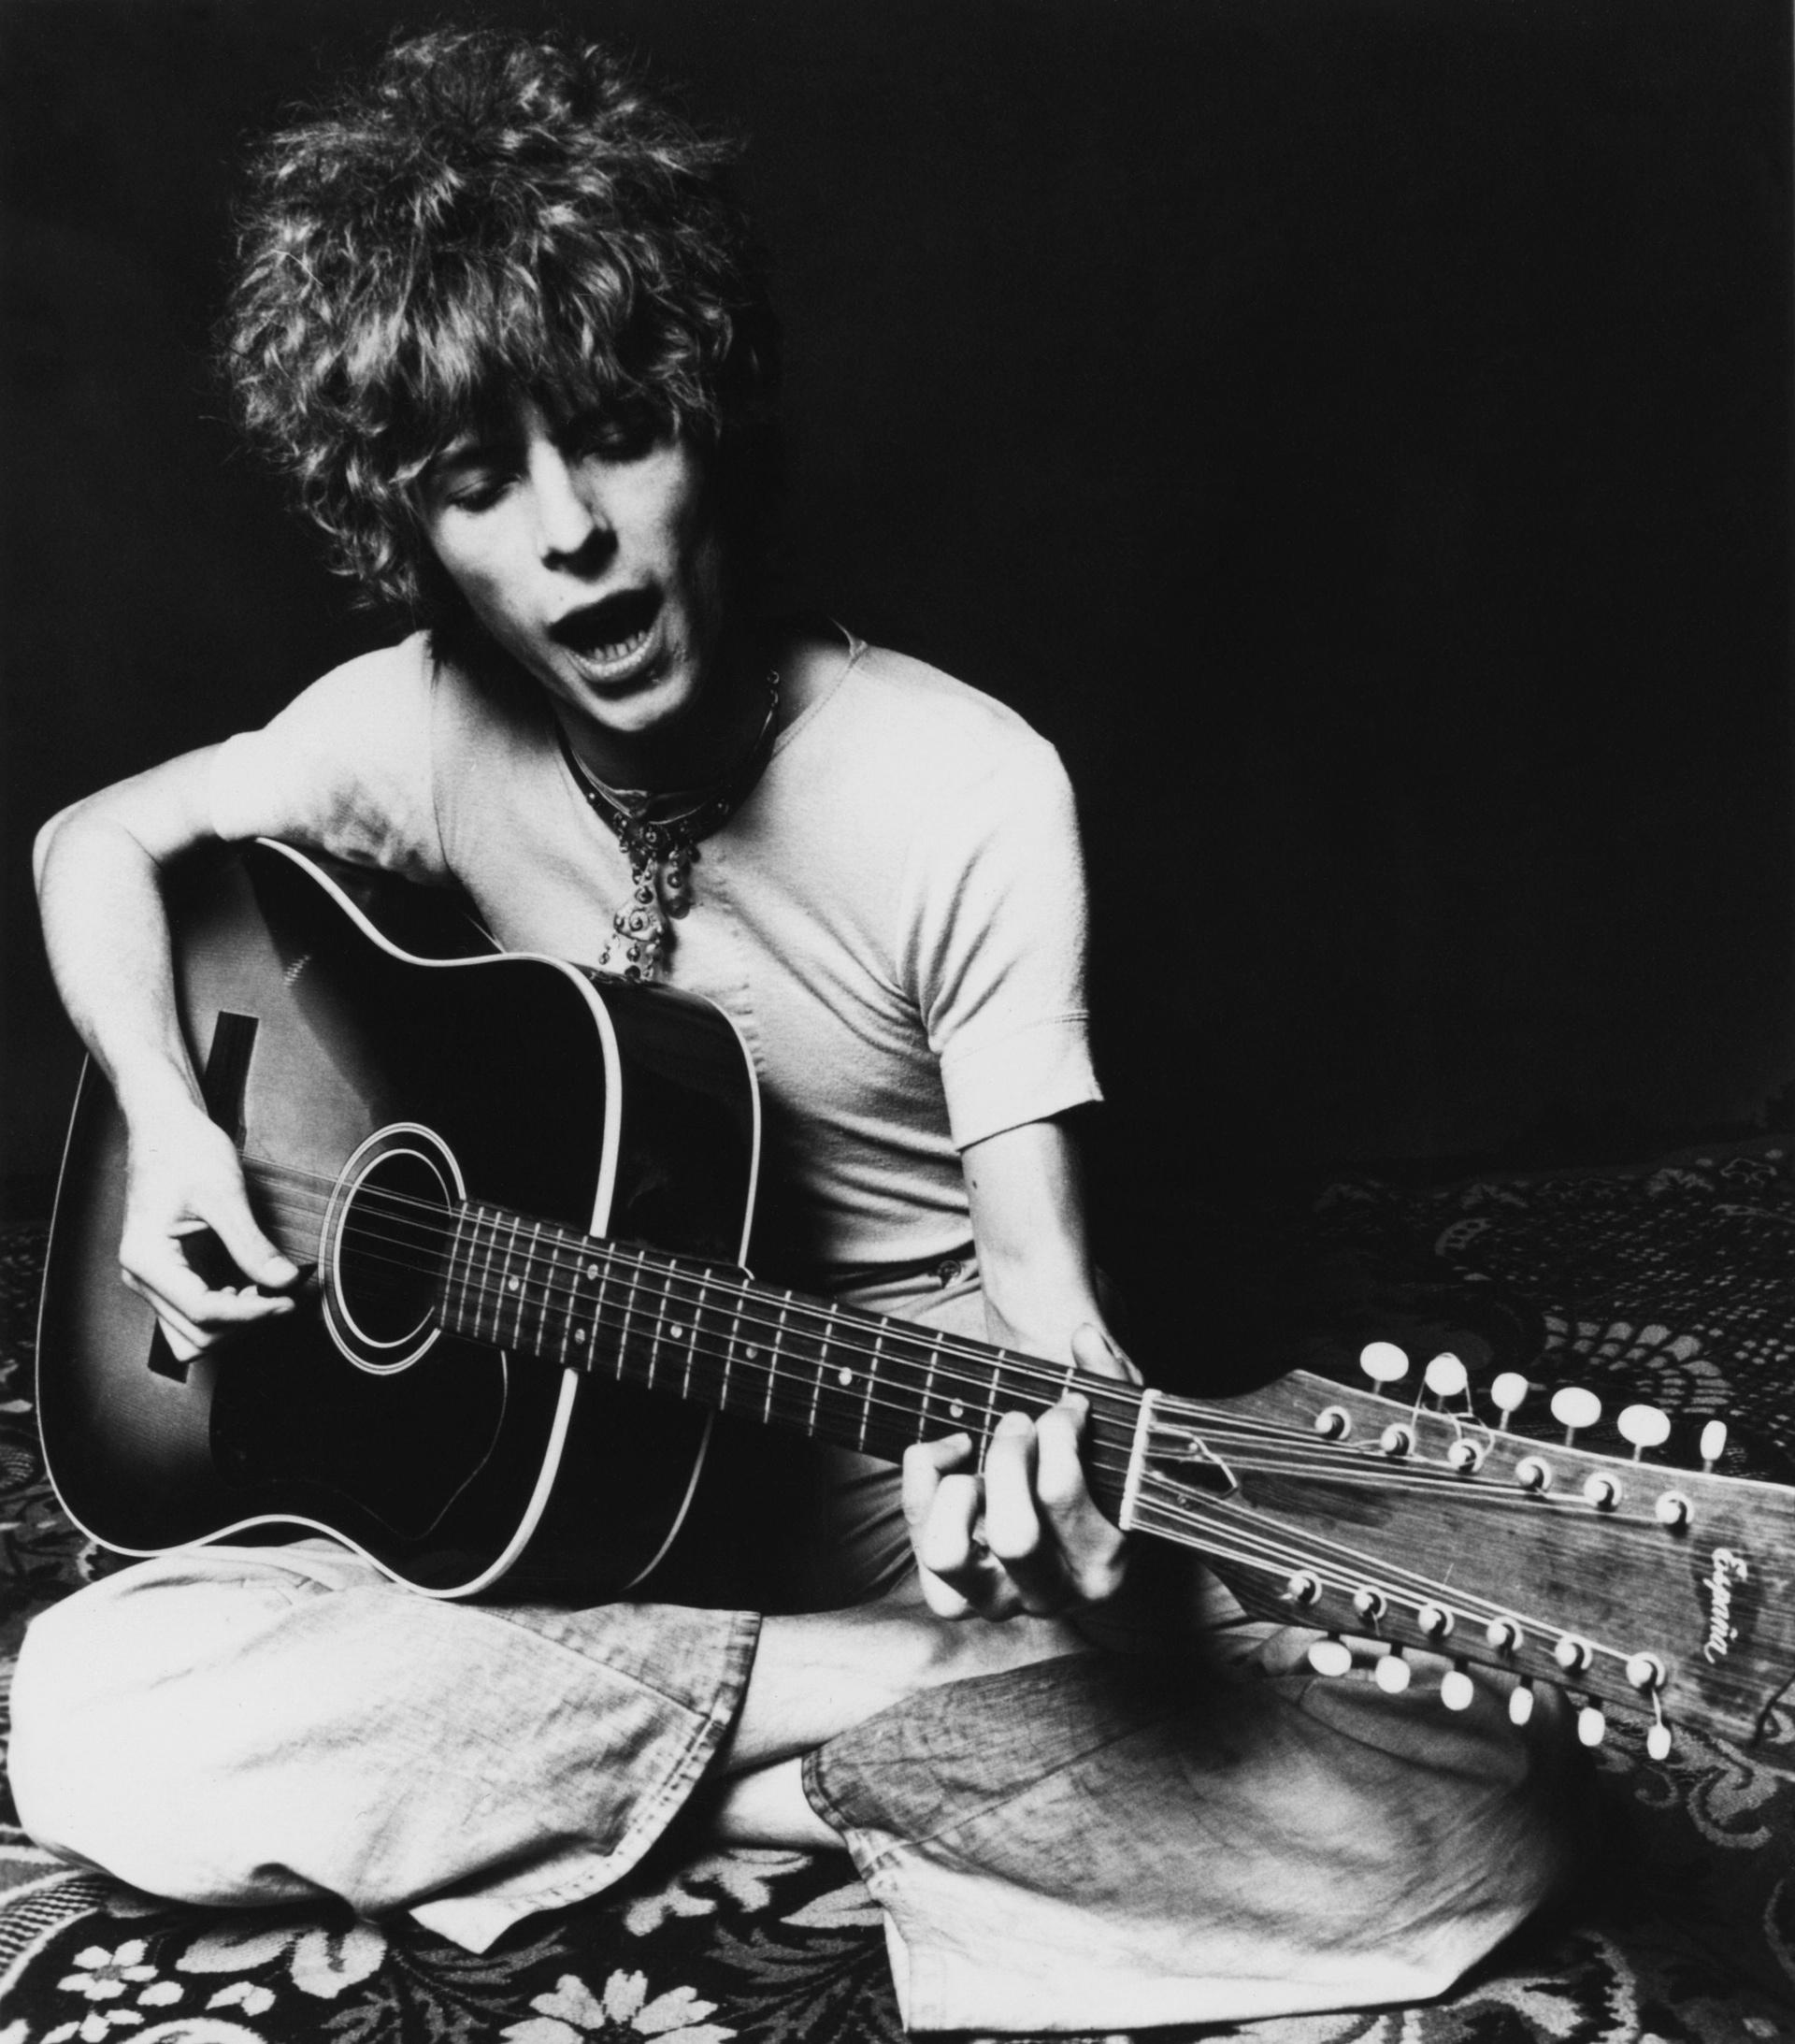 Дейвид Бауи свири на Espana 12-струнна акустична китара по време на представянето на Space Oddity през 1969 г. в Лондон Снимка: Michael Ochs Архив / Getty Images